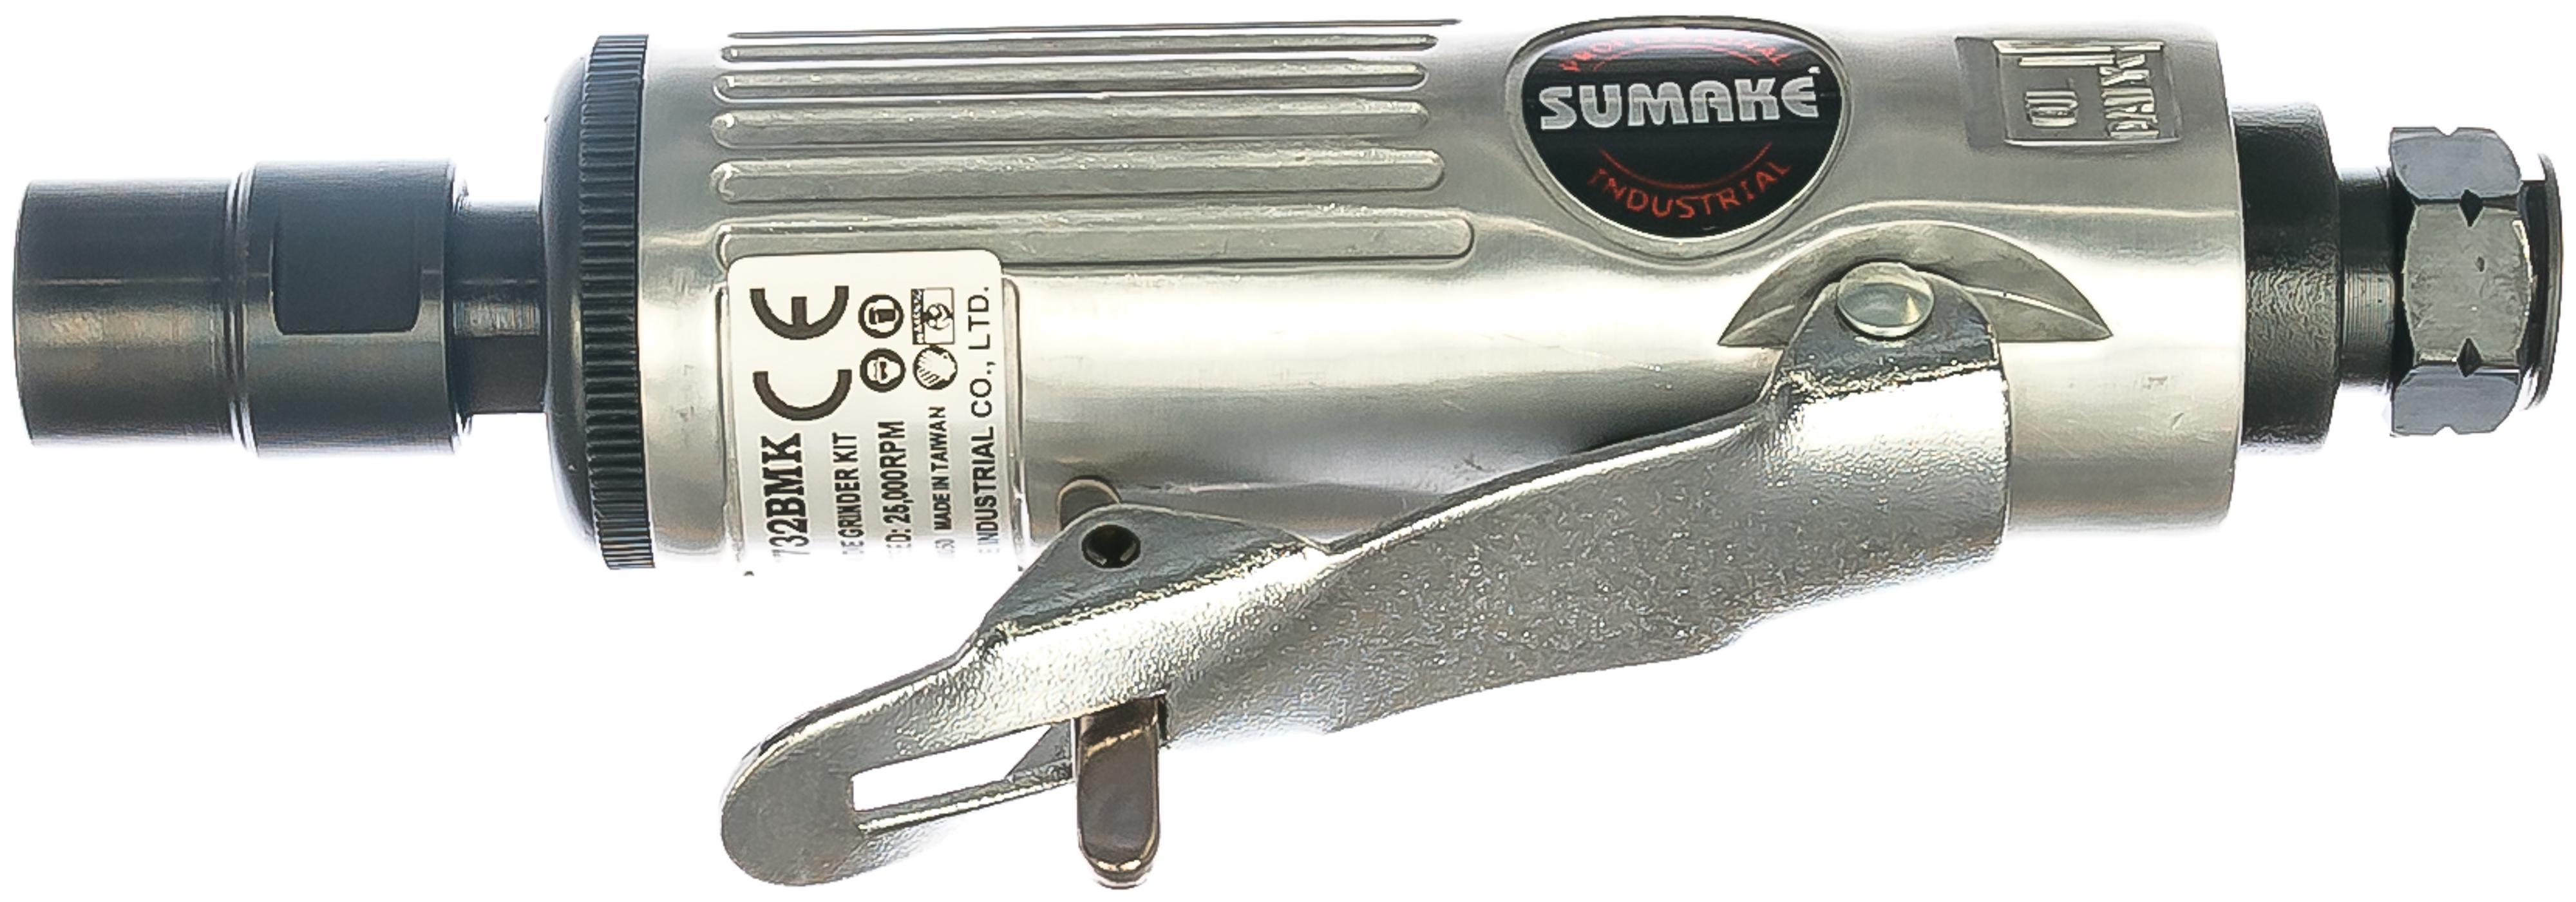 Машинка шлифовальная прямая пневматическая Sumake St-7732bmk пневмошлифовальная машина sumake st 7732 мк 27399